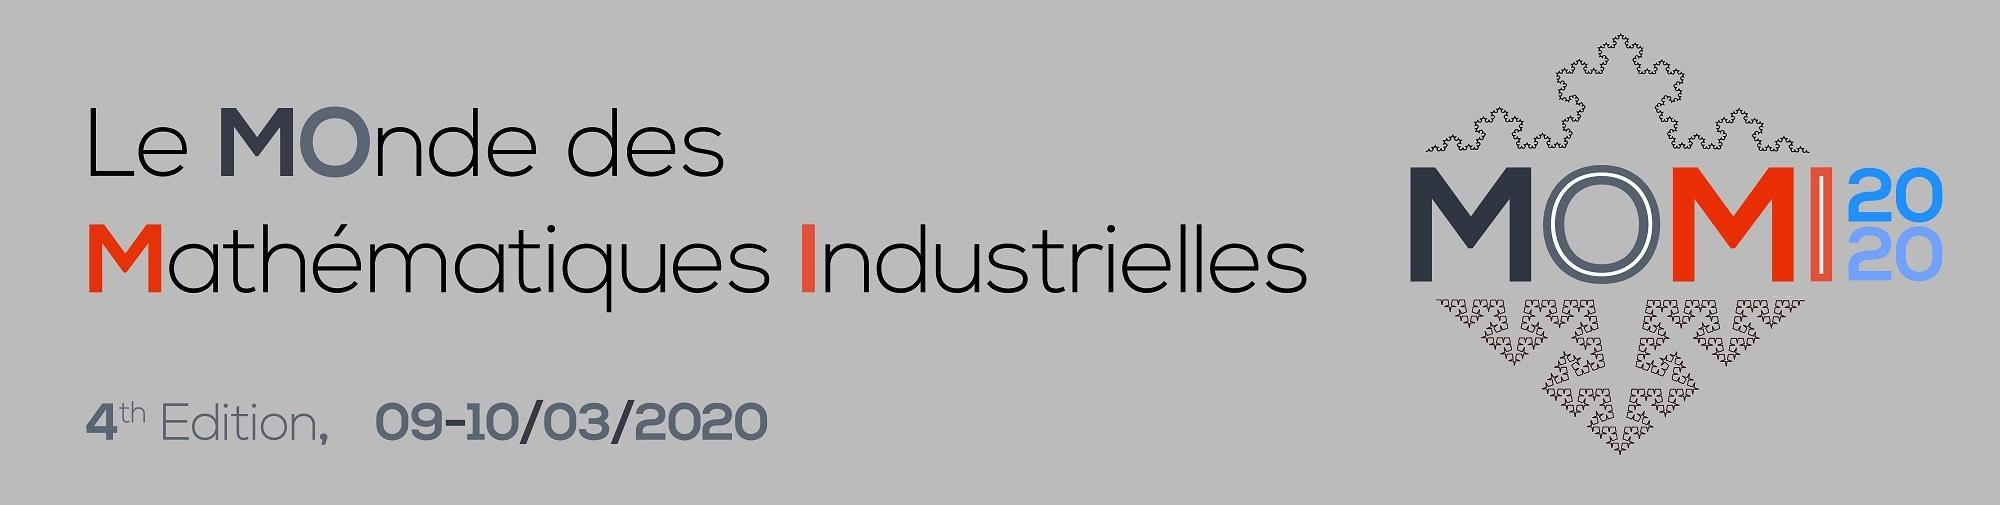 MOMI2020: Le Monde des Mathematiques Industrielles